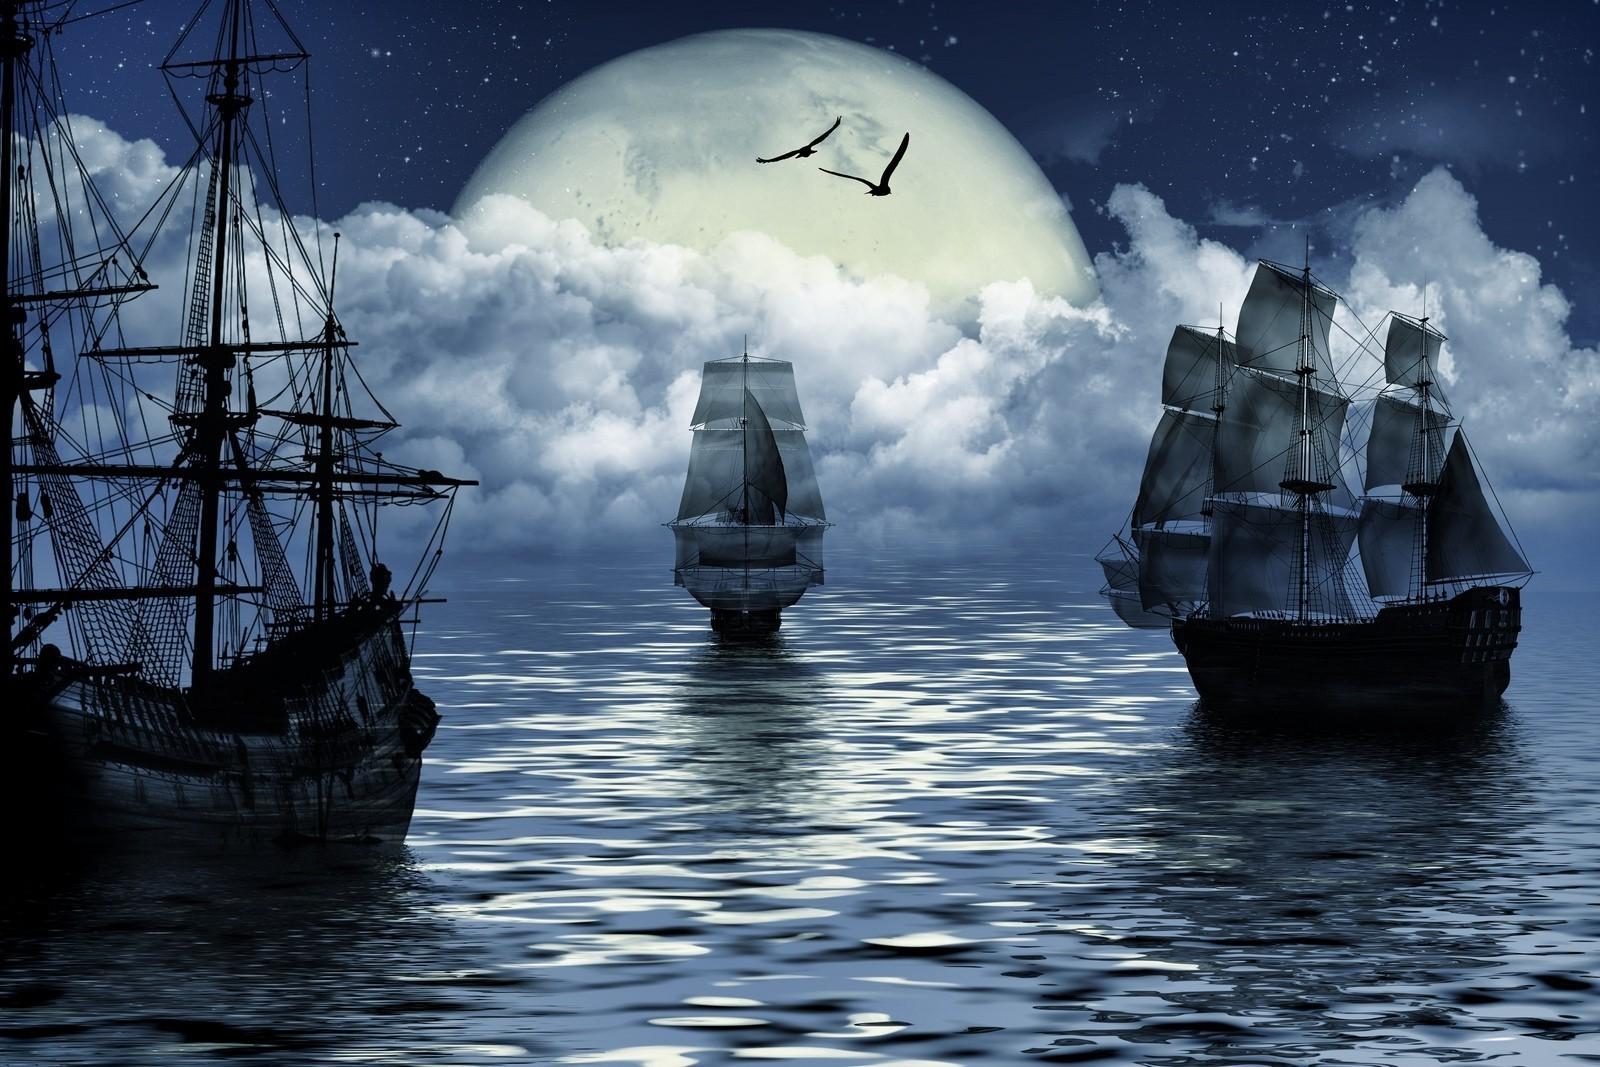 Fond D Ecran Navire Bateau A Voile Des Oiseaux Art Fantastique Mer Rendre Reflexion Vehicule Des Nuages Lune Bateau Fantome Nuage Ocean Motomarine 1600x1067 Px 1600x1067 Wallup 516659 Fond D Ecran Wallhere